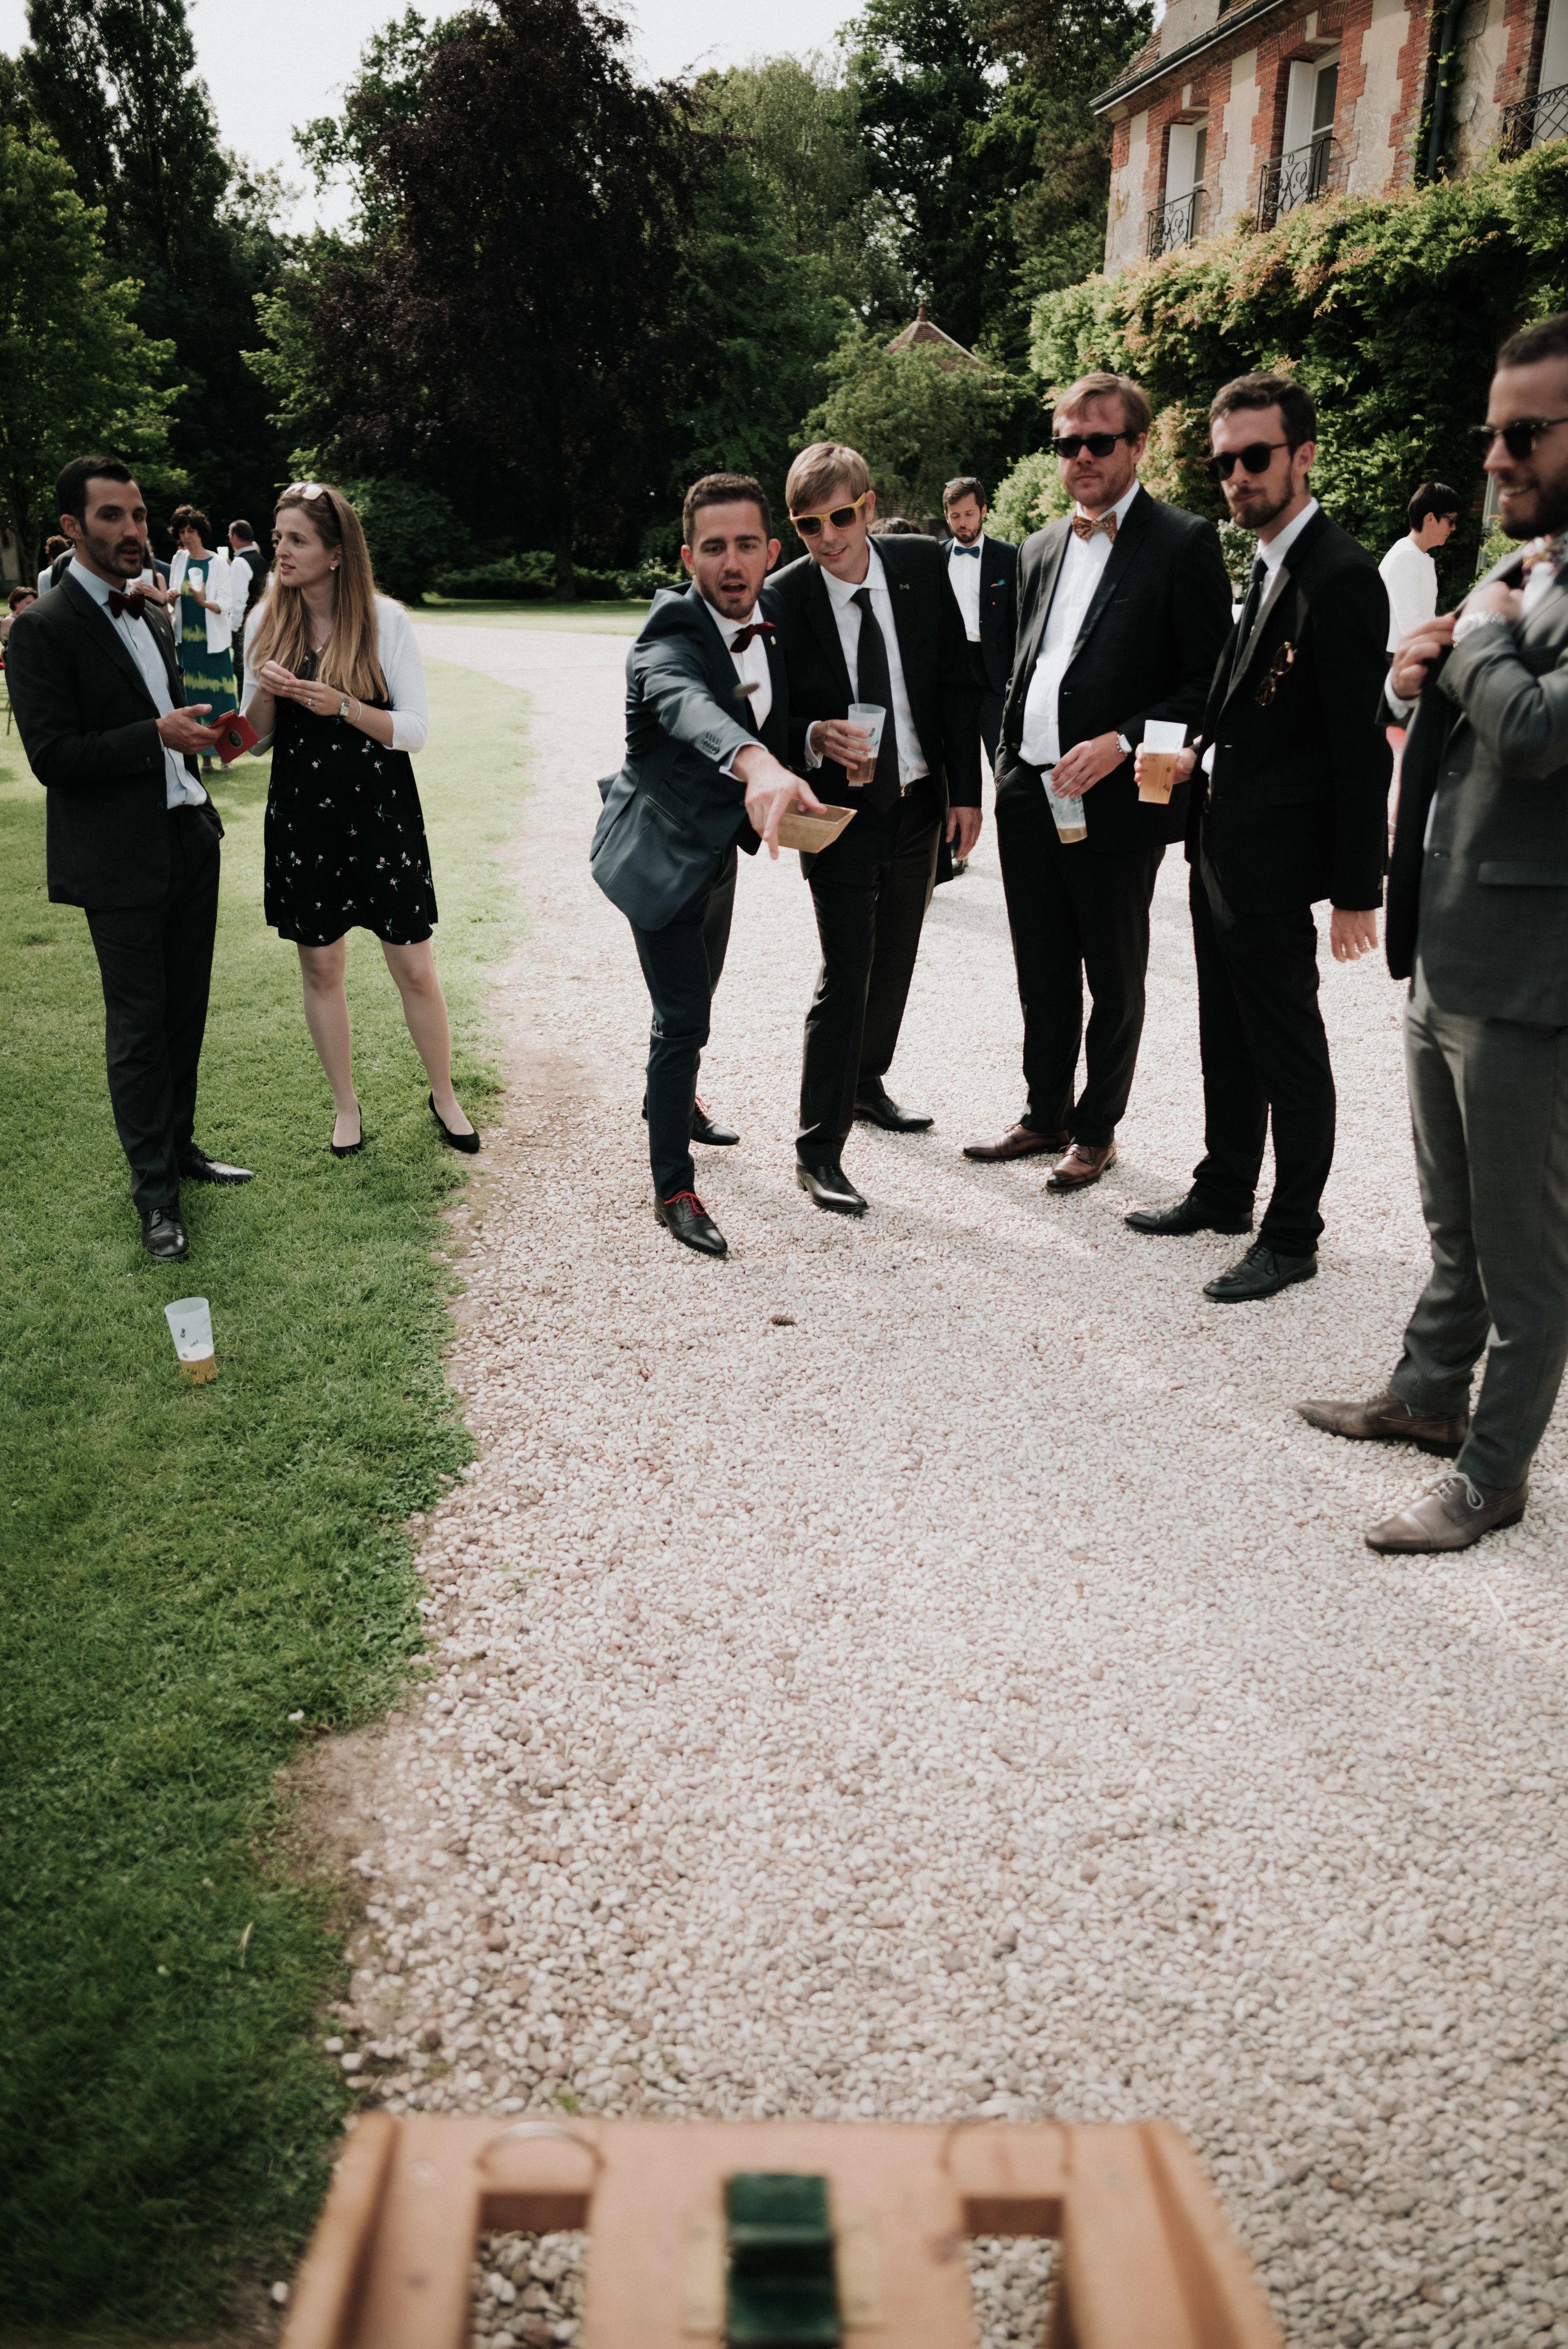 Léa-Fery-photographe-professionnel-lyon-rhone-alpes-portrait-creation-mariage-evenement-evenementiel-famille-2-182.jpg